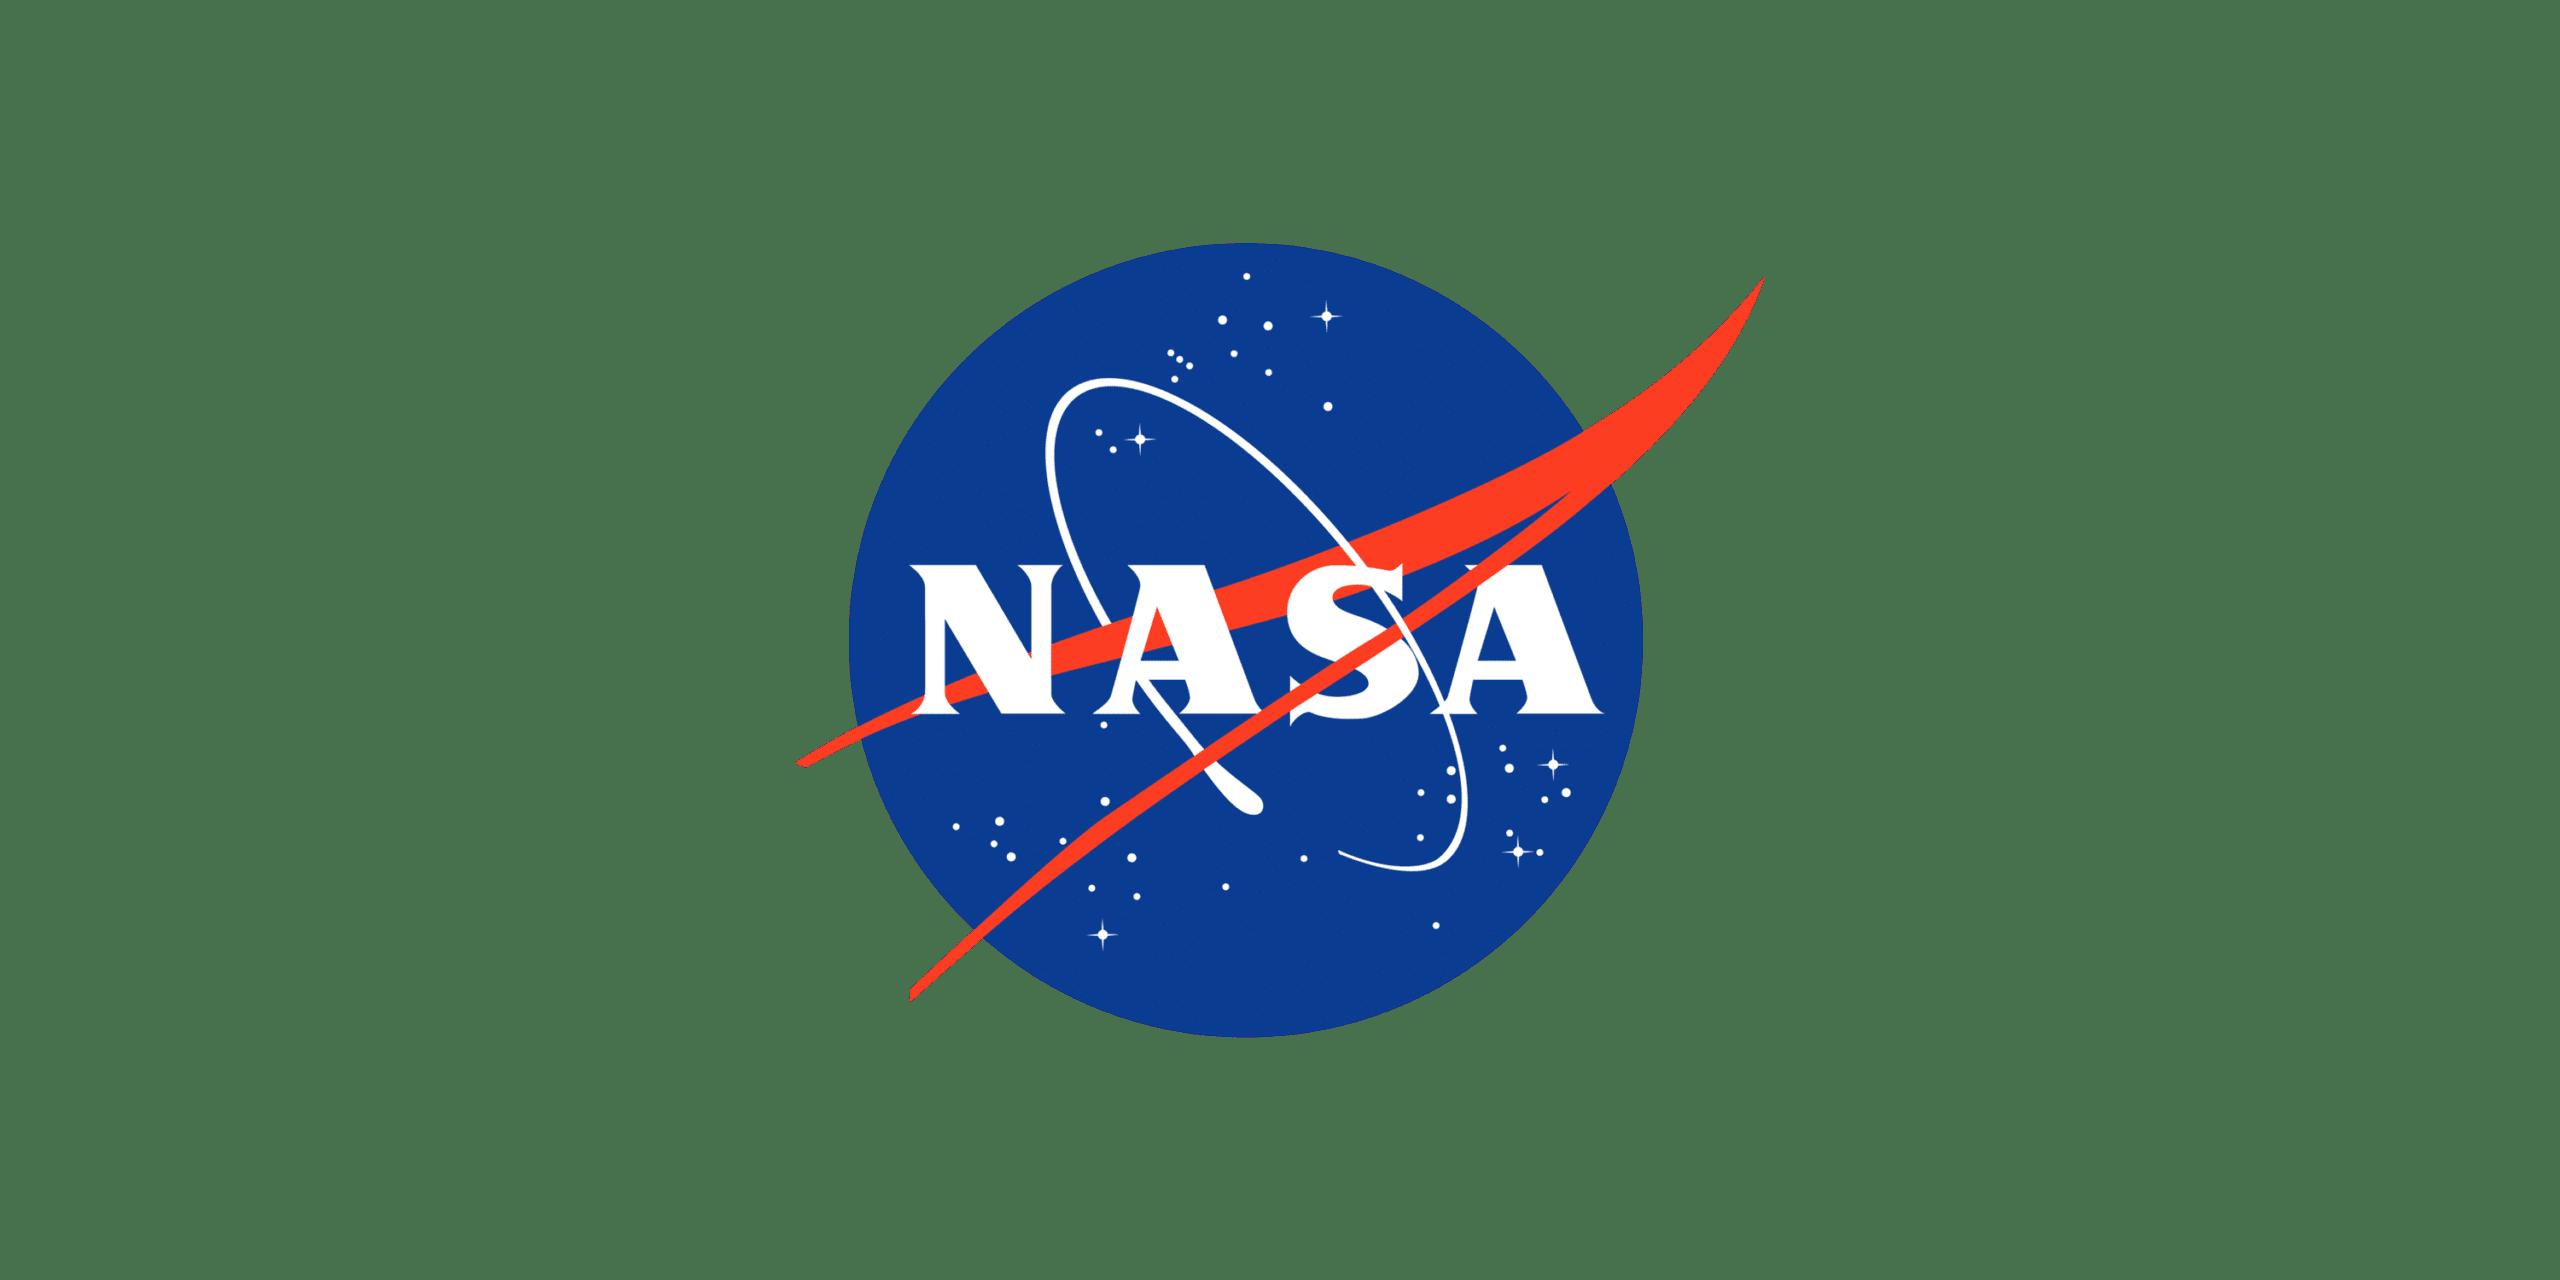 La Administración Nacional de Aeronáutica y del Espacio - NASA